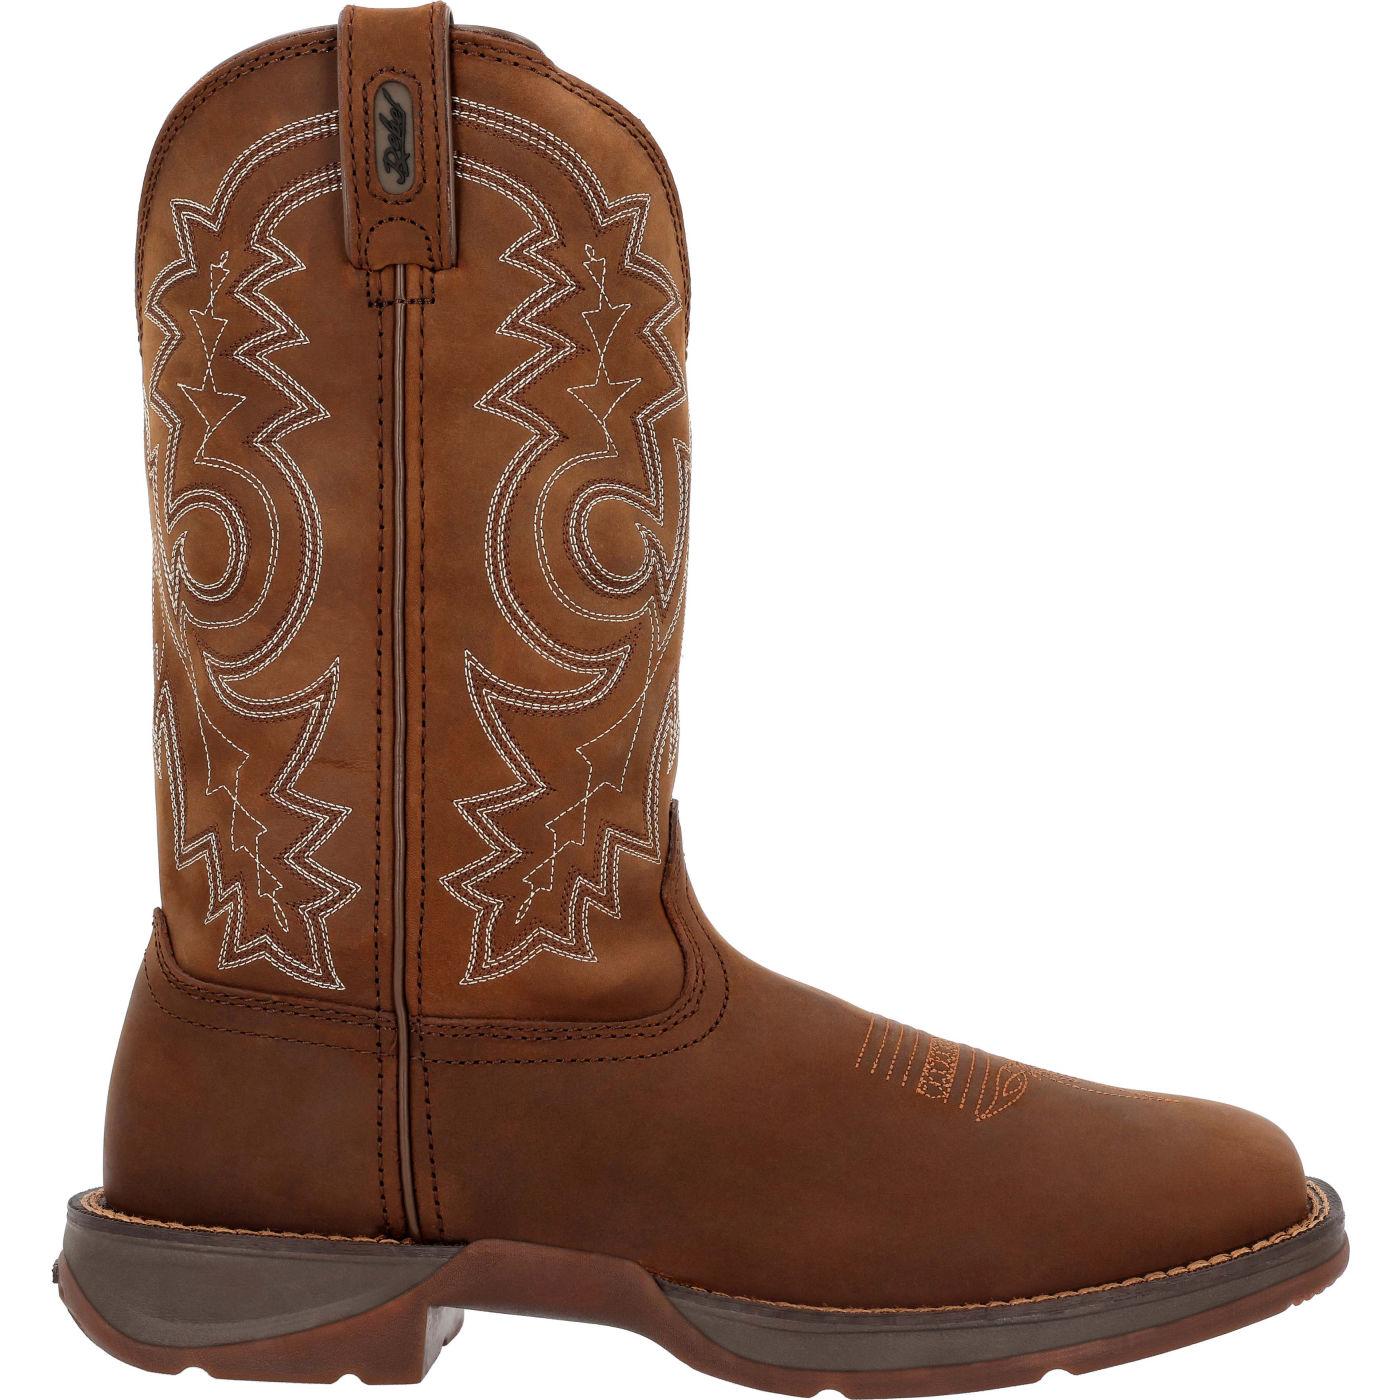 Rebel By Durango Men S Steeltoe Western Work Boots Db4343